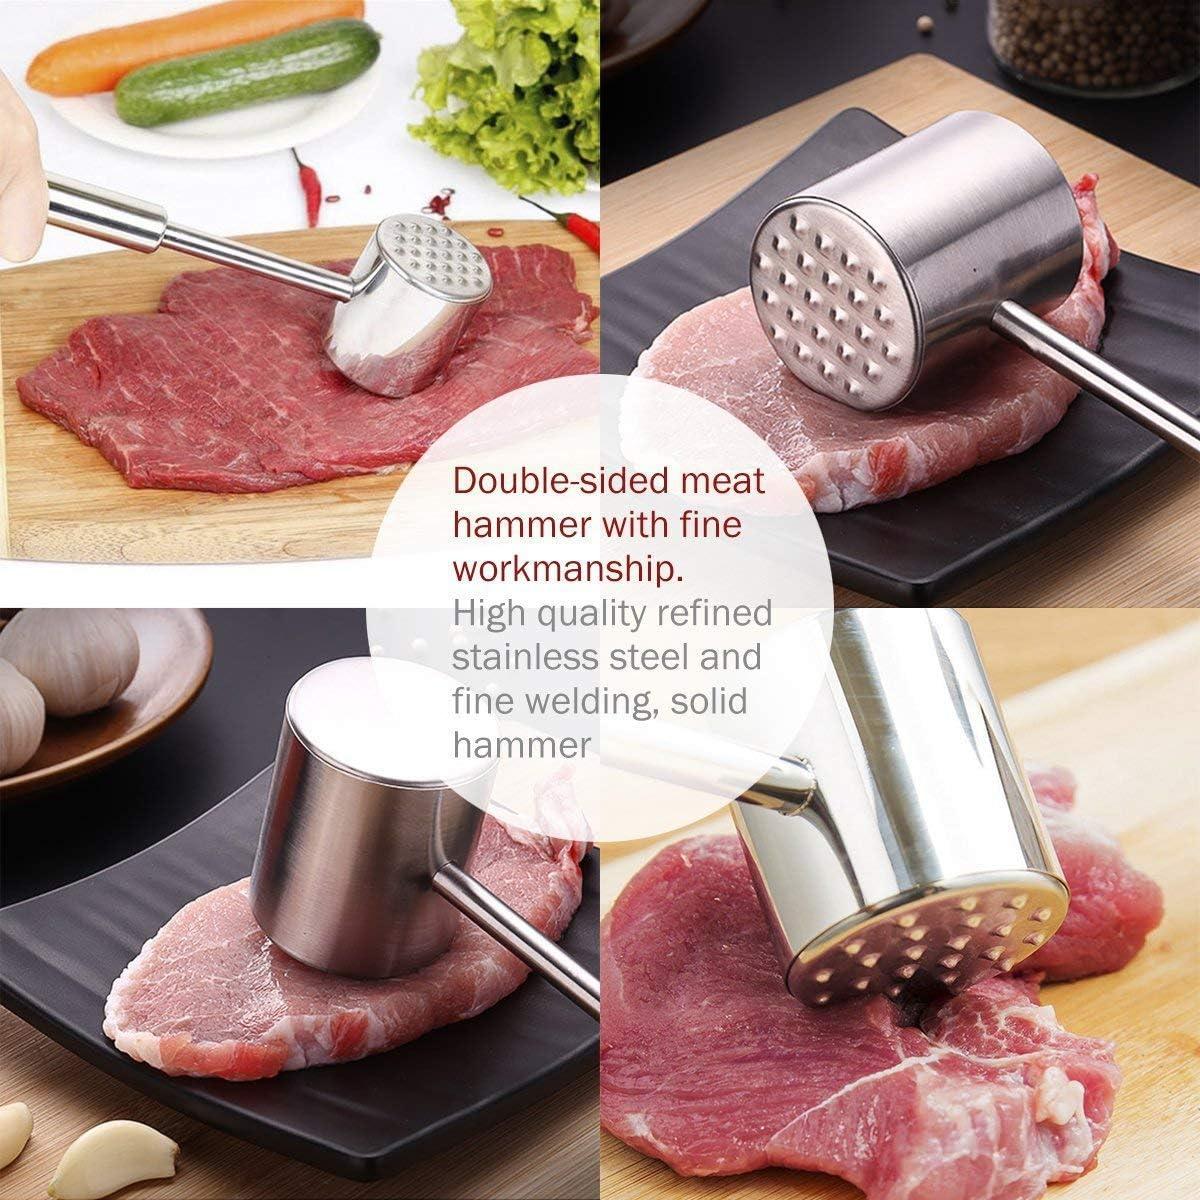 acciaio inossidabile 304 Homemaxs Martello per batticarne con maglio a doppia faccia per lavastoviglie